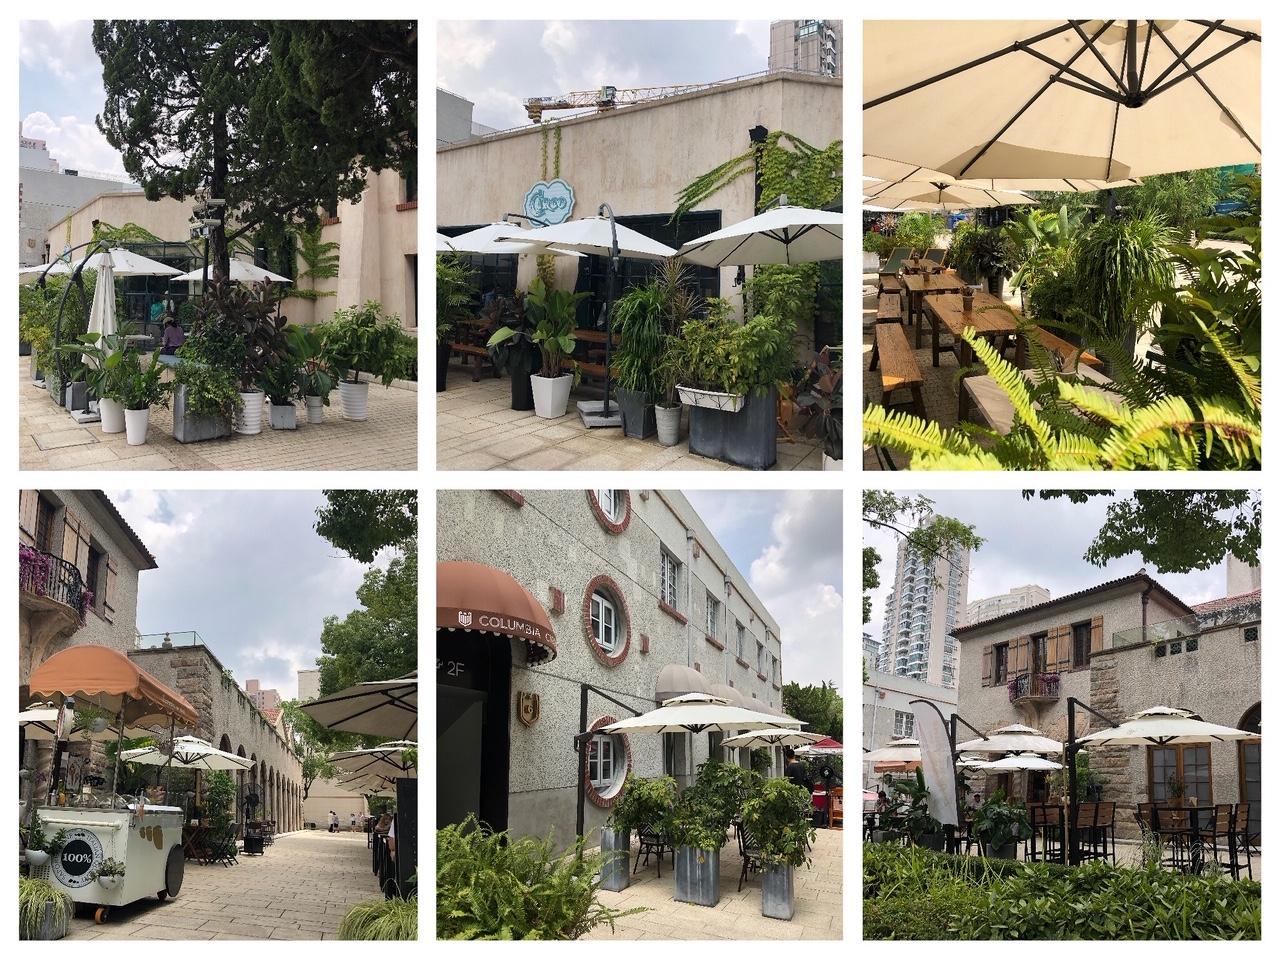 上海• カフェやレストランのテラス席も人気